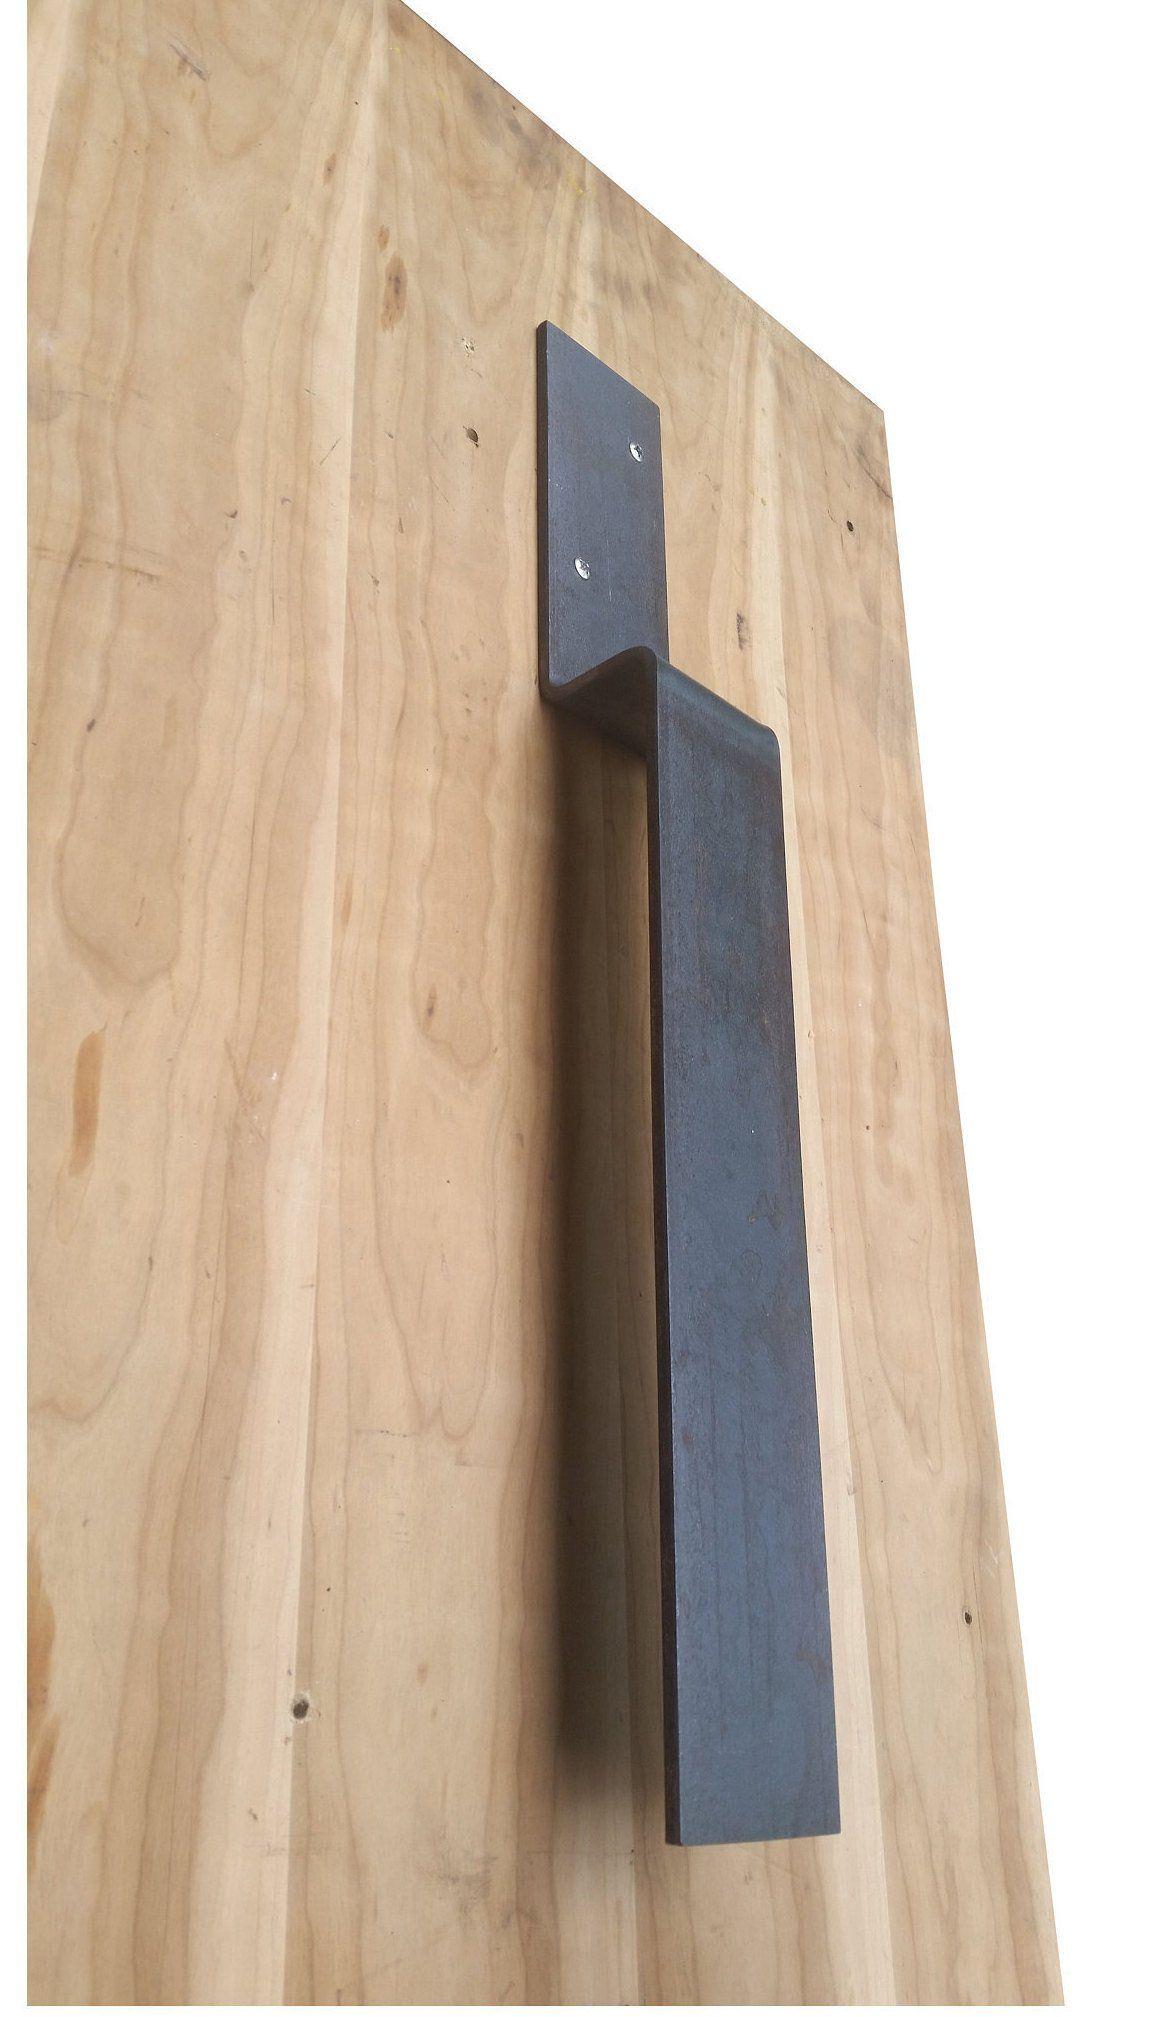 Industrial Door Handle 24 Inch Oversized Barn Door Pull 3 Inch Wide Modern Rustic Door Handles Wrought Iron Railing Firewood Stand